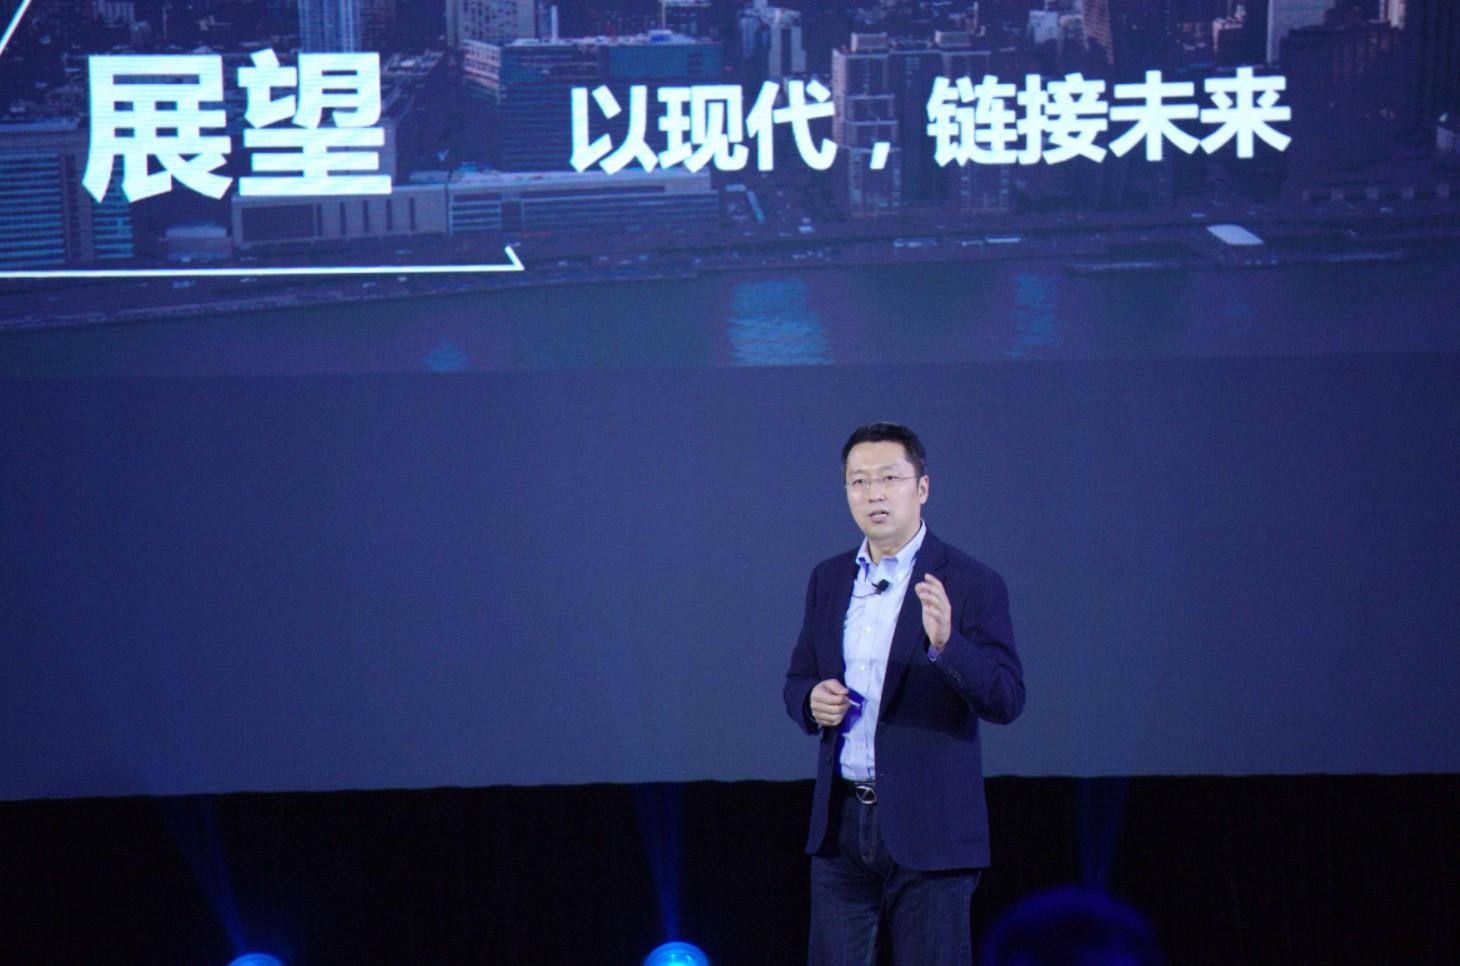 热点:北京现代:用技术引领品牌向上